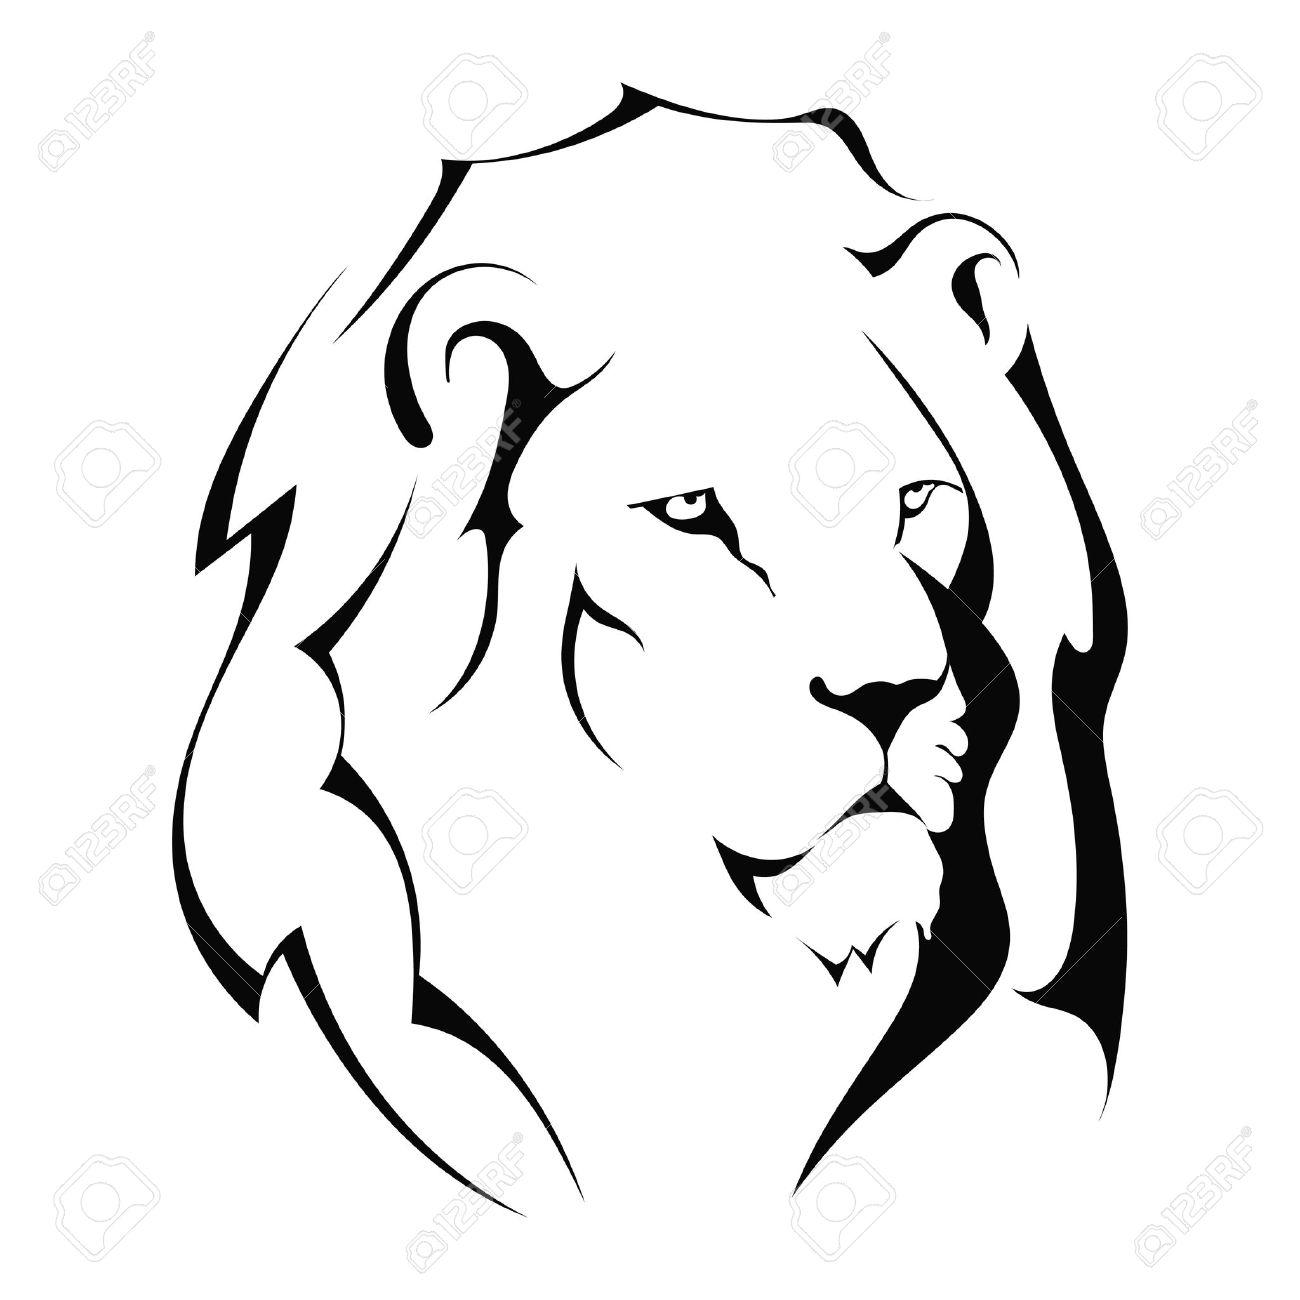 1300x1300 Drawn Lion Face Outline